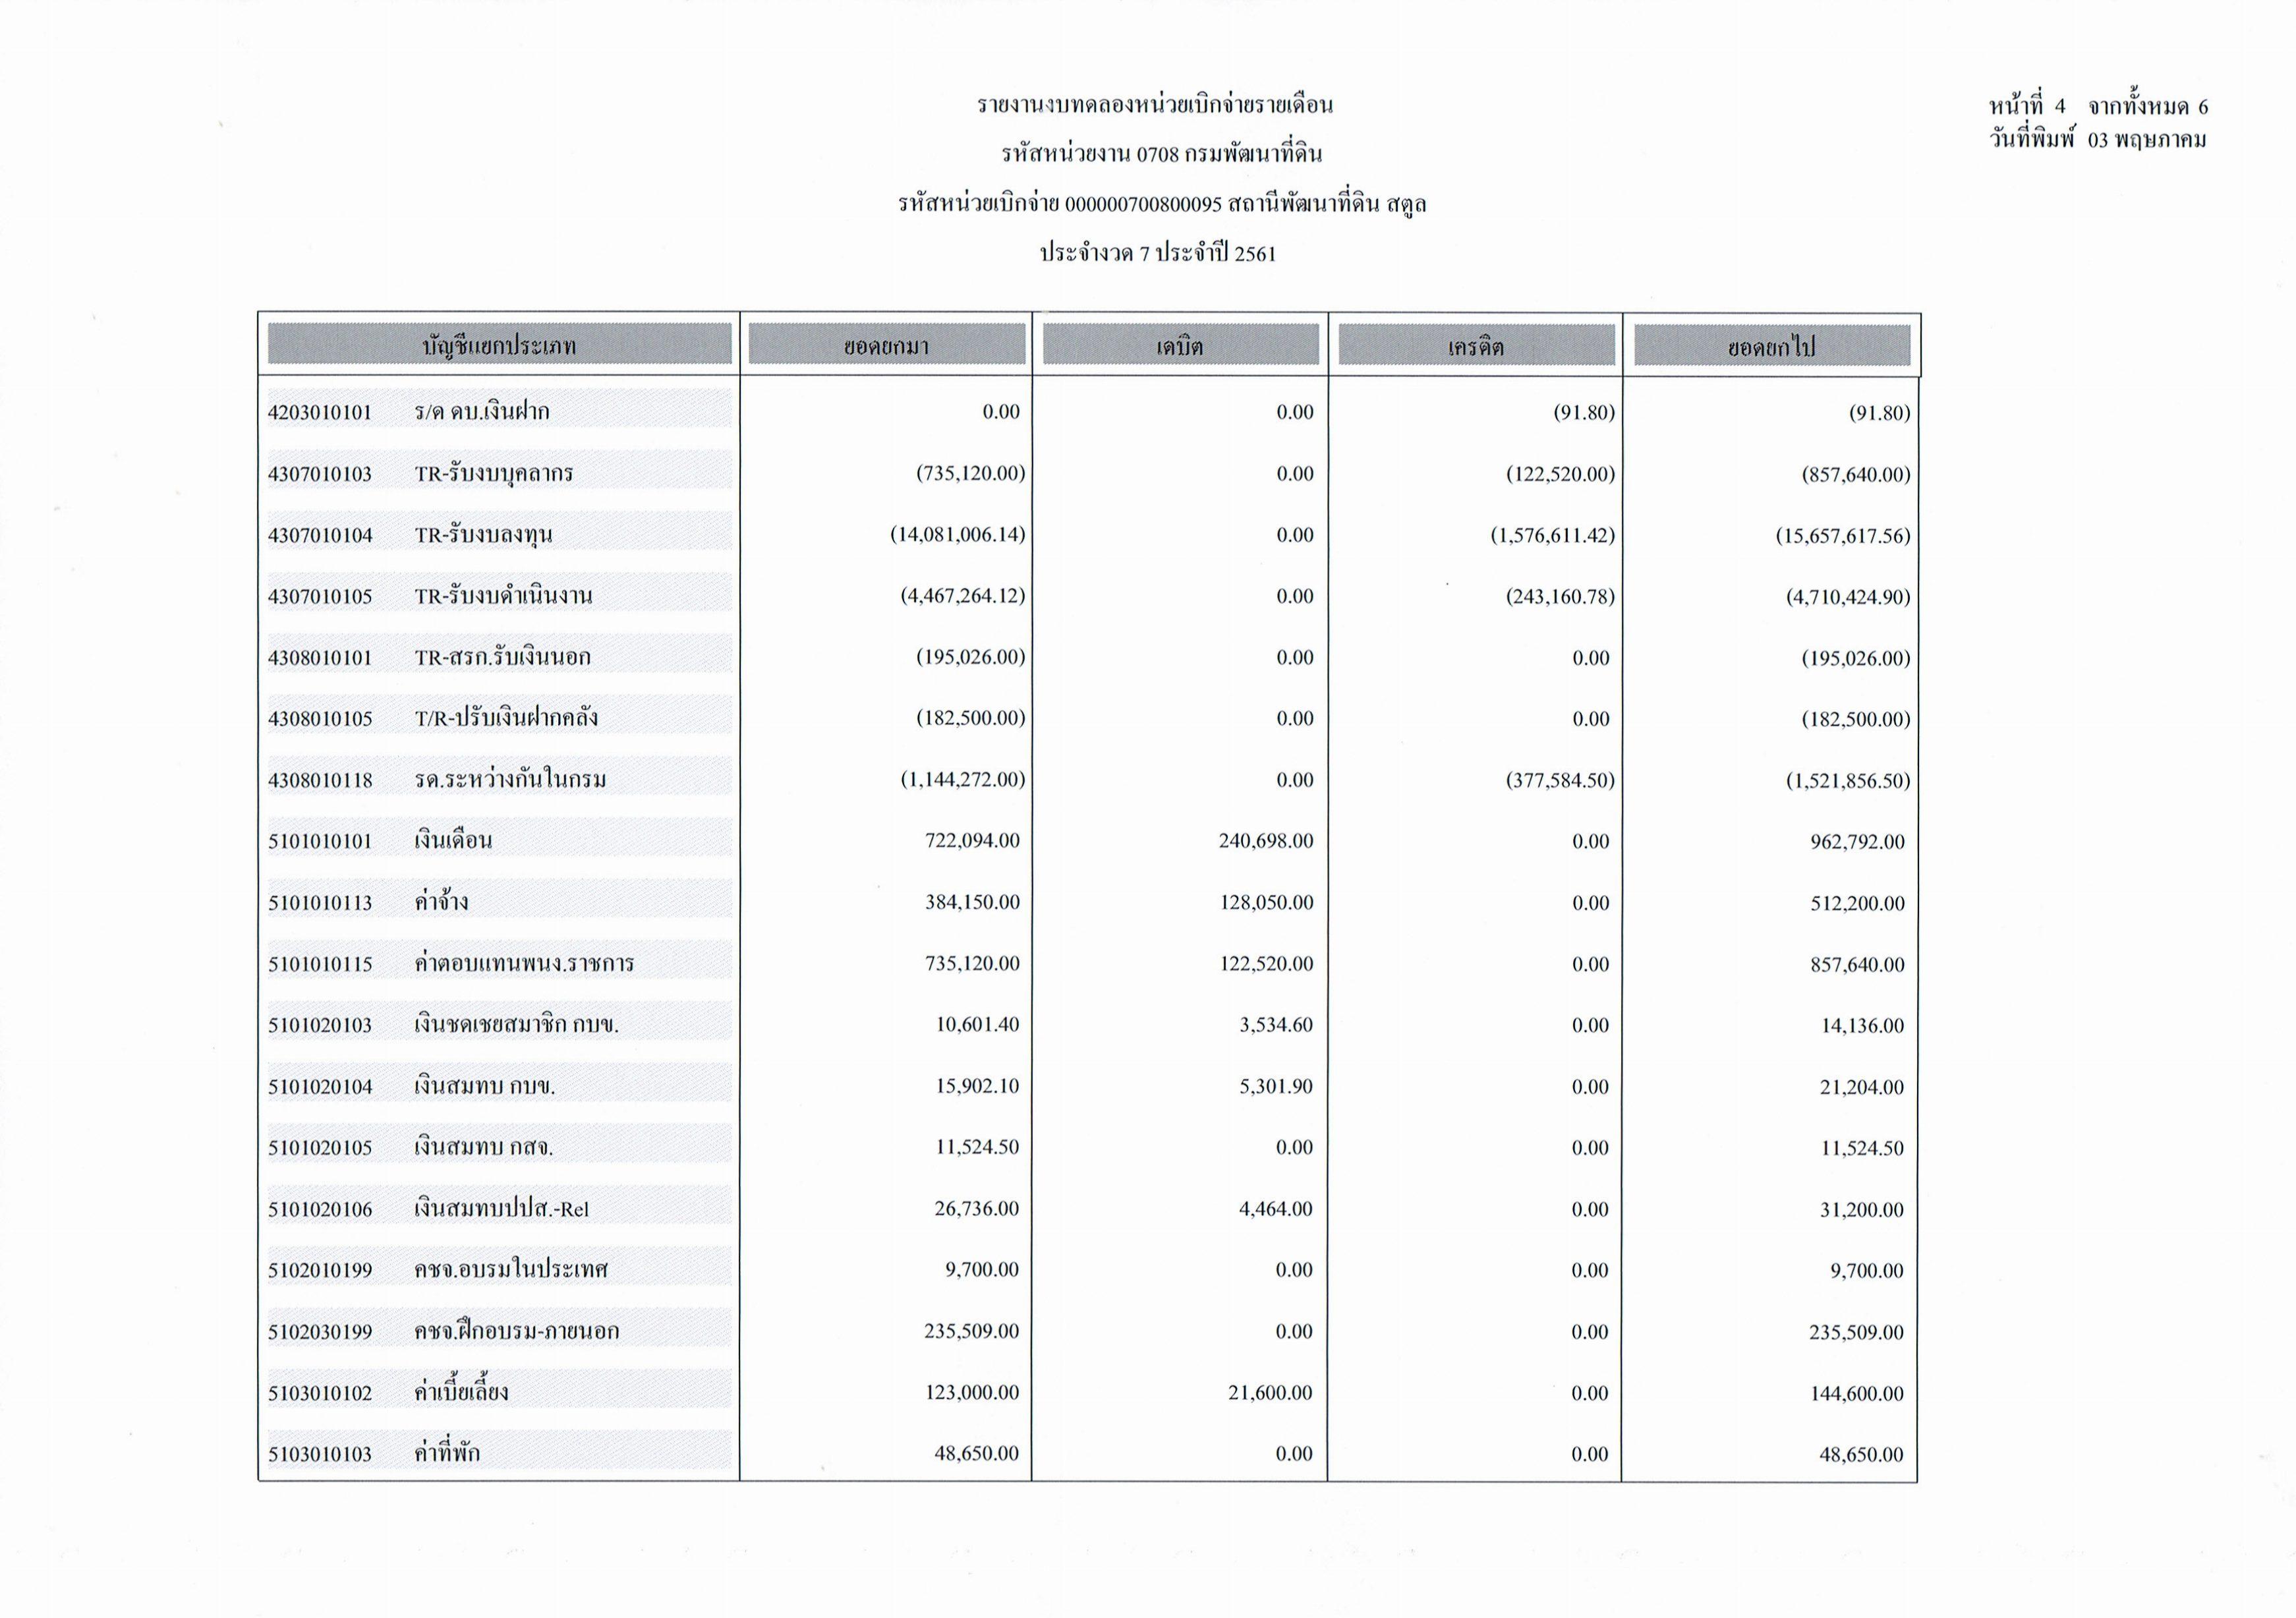 รายงานงบทดลองหน่วยเบิกจ่ายรายเดือนเมษายน ประจำงวด 7 ประจำปี 256_4